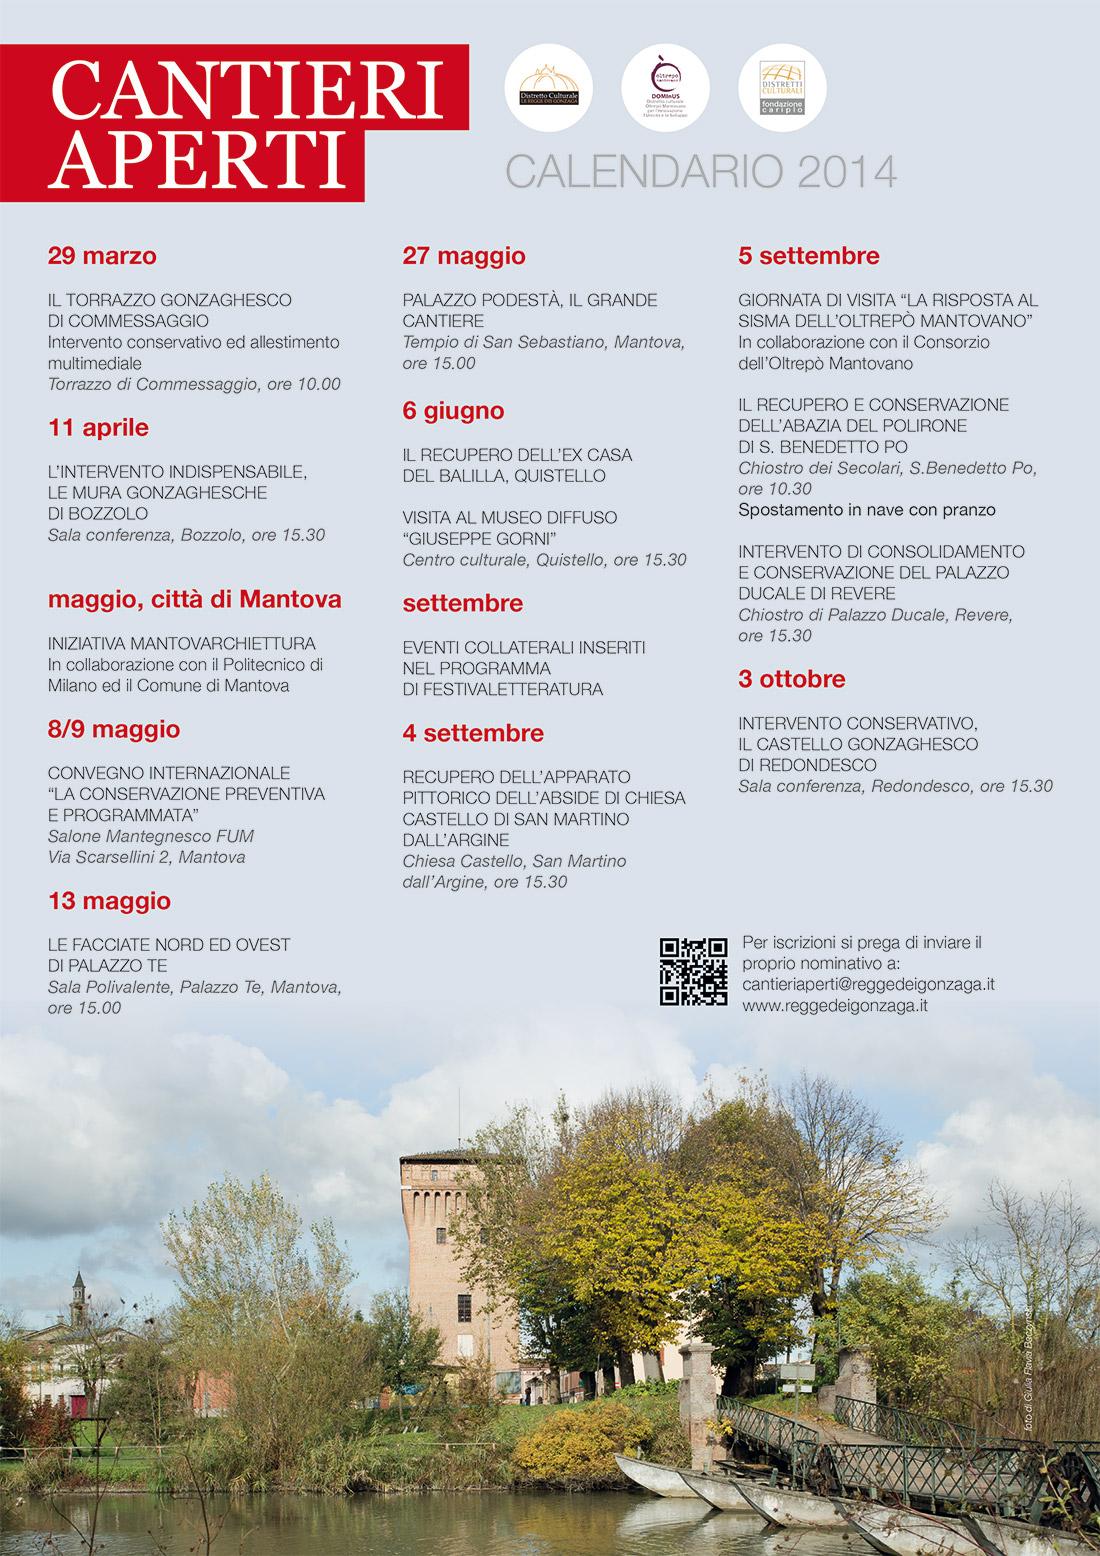 CANTIERI APERTI - Calendario